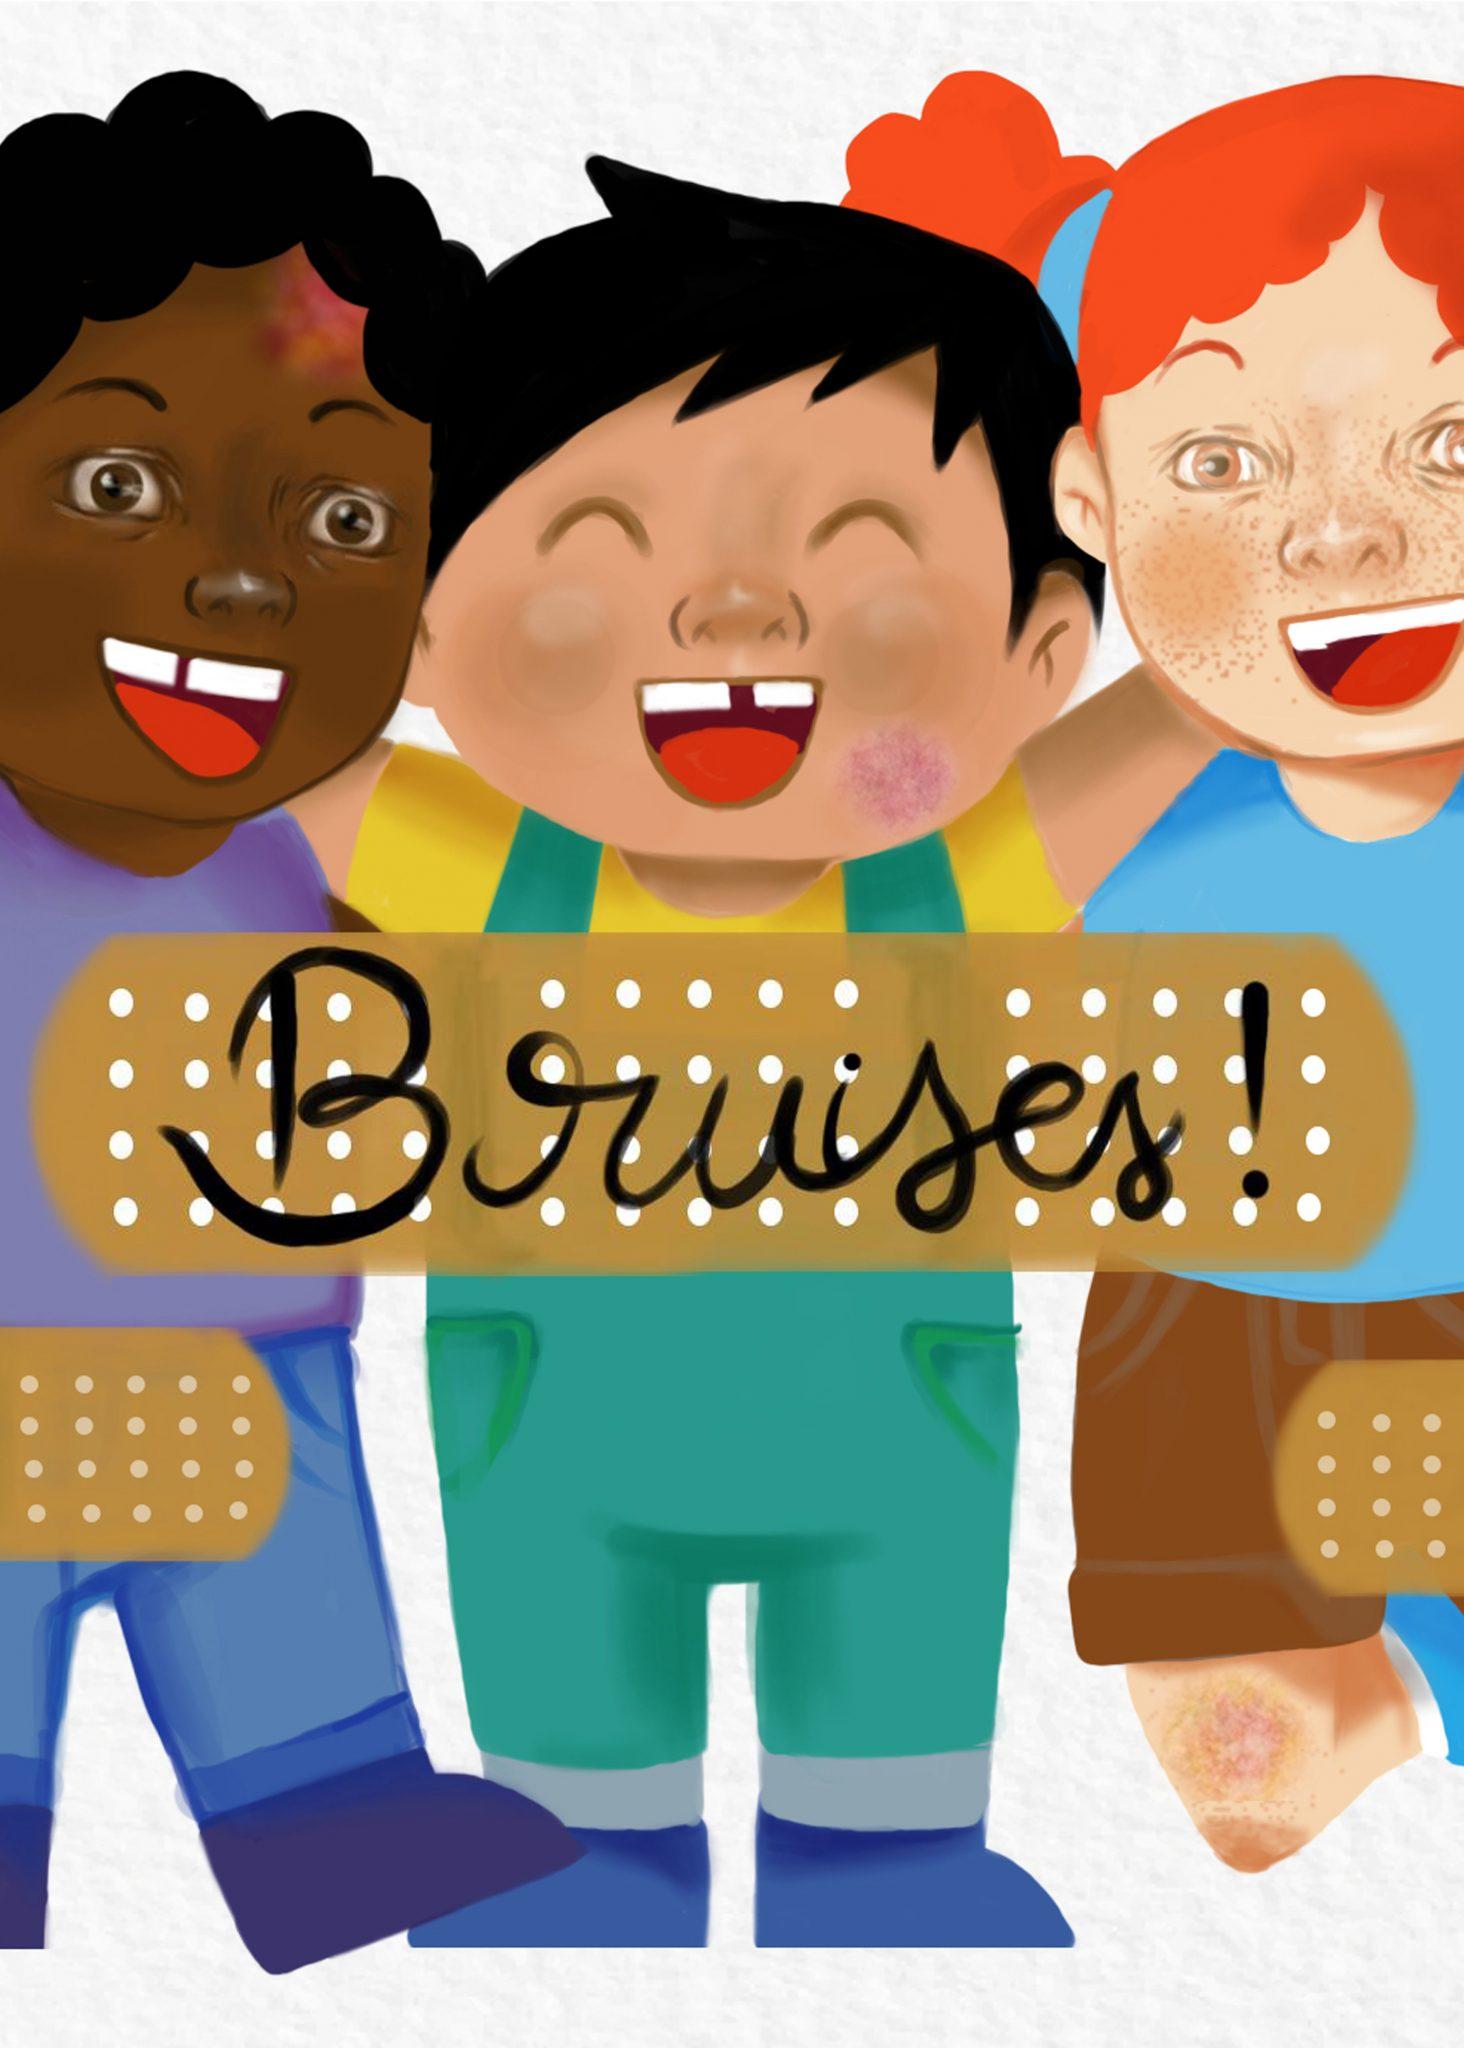 Bruises - Ebook Illustration Commission